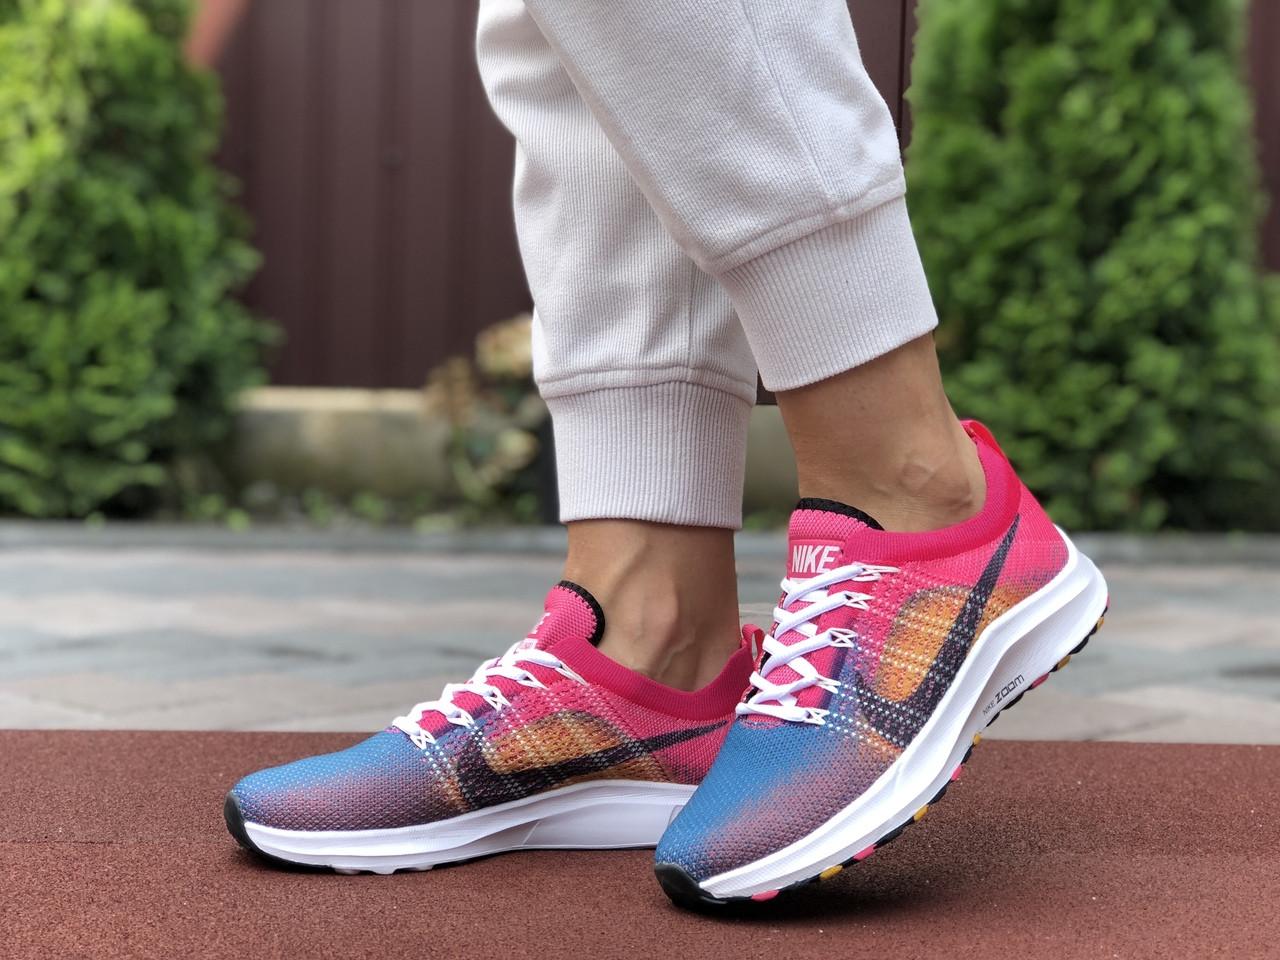 Жіночі кросівки Nike Zoom (синьо-рожеві) 9600